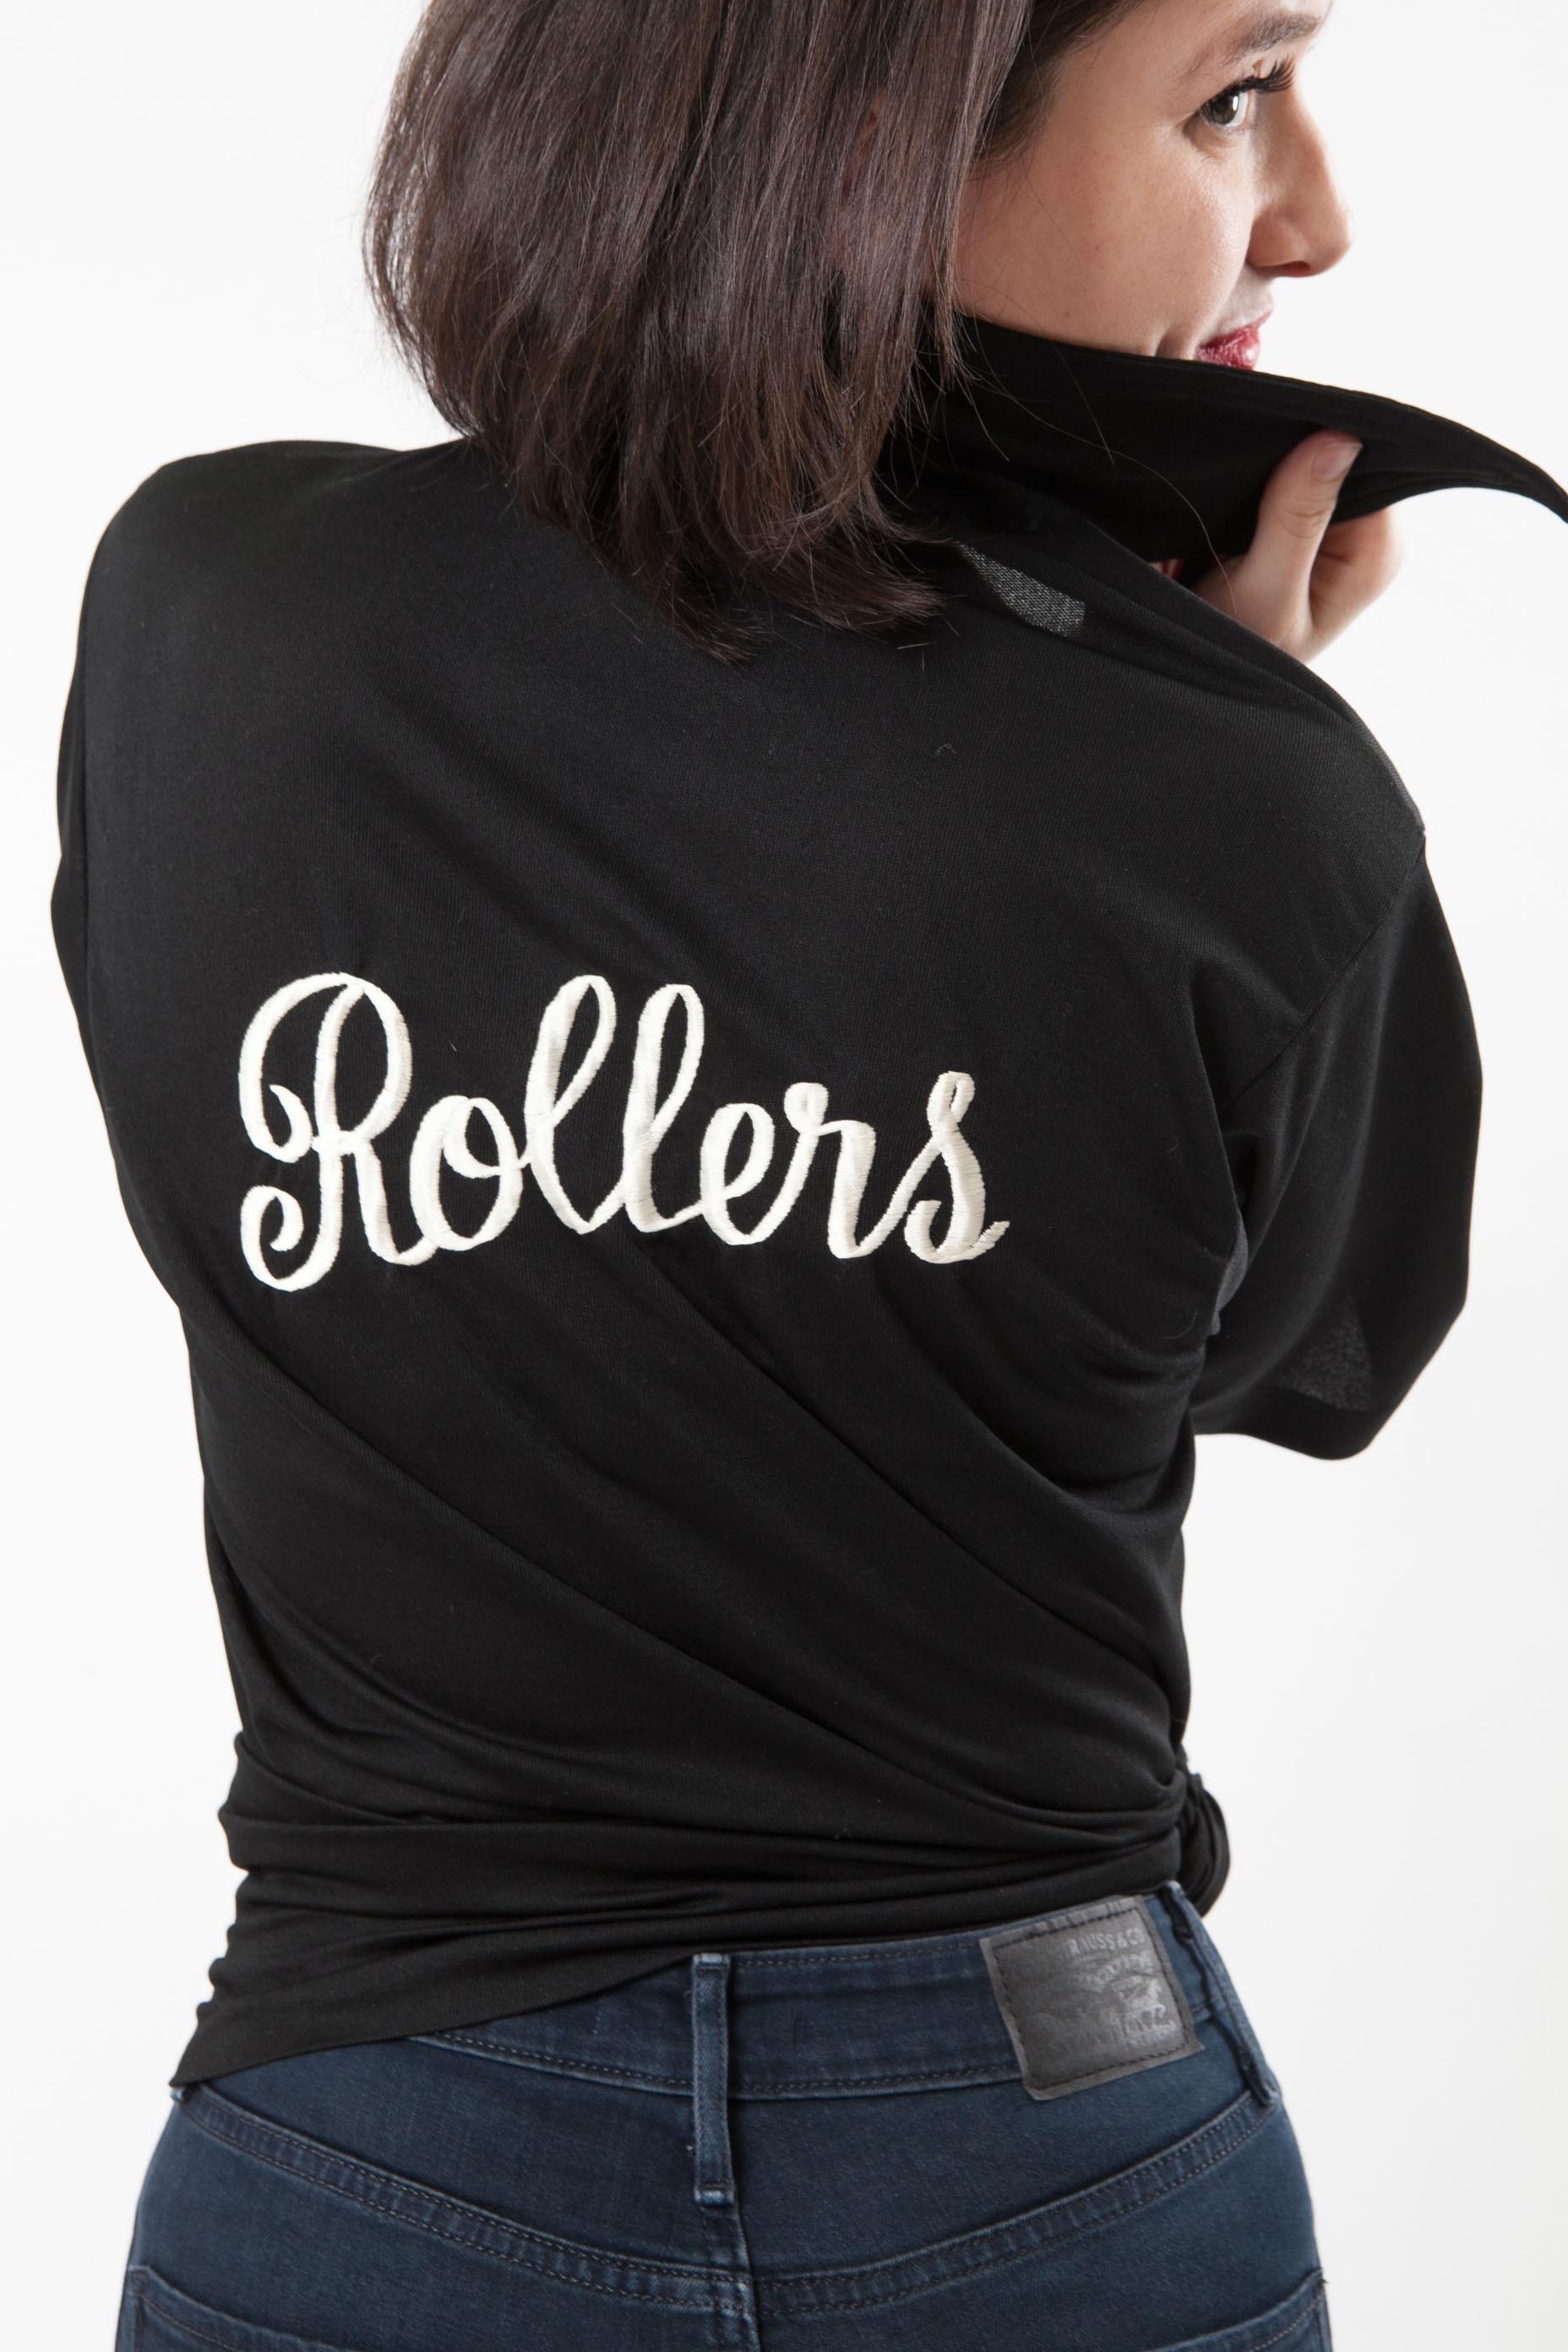 rollers shirt_devora__MG_8112.jpg